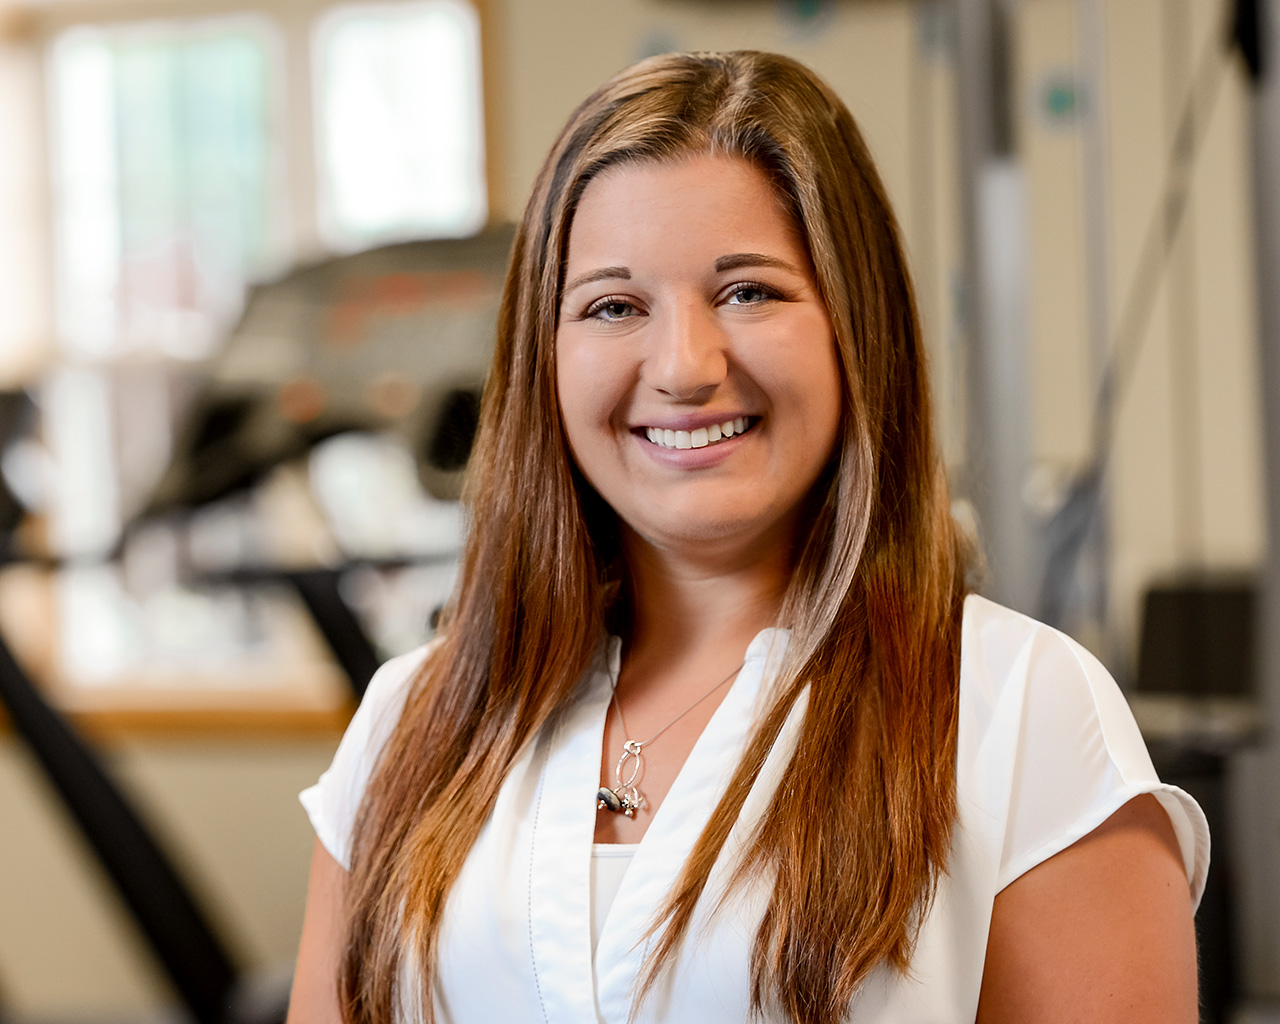 Lattimore Physical Therapist Danielle Sancilio